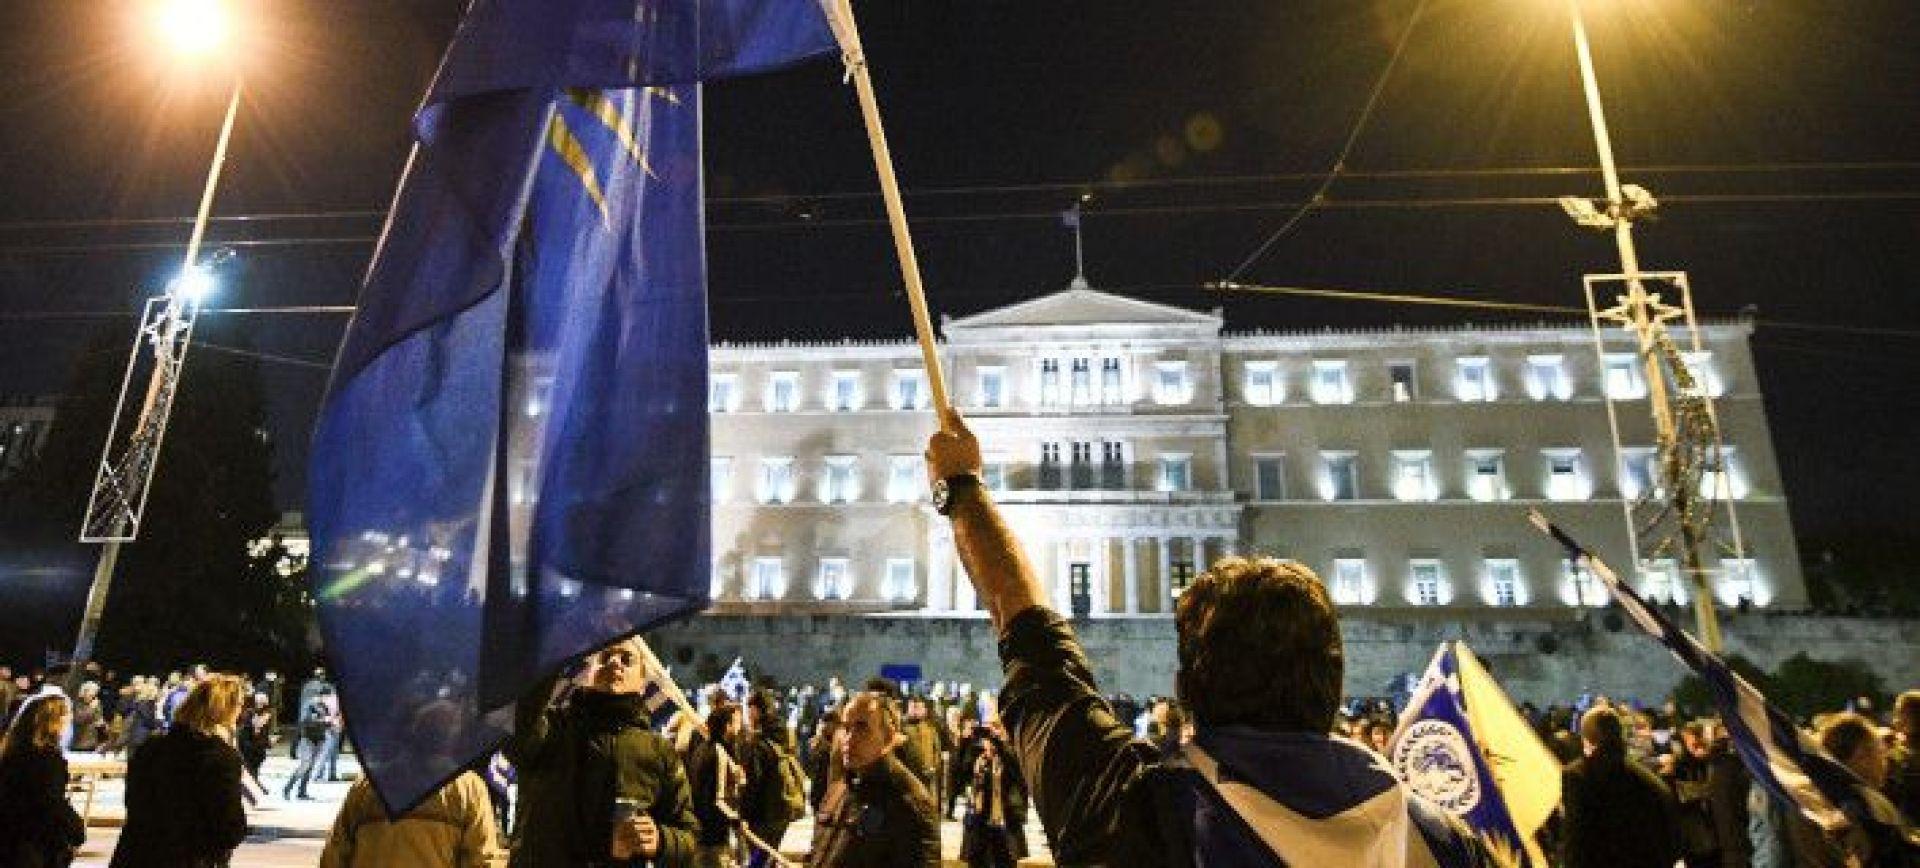 Μακεδόνισσα φοιτήτρια «ισοπεδώνει» τον ΣΥΡΙΖΑ: «Έχουν θράσος να έρχονται στη Β. Ελλάδα» – «Τάγματα εφόδου» οι πολίτες λέει η Γεροβασίλη